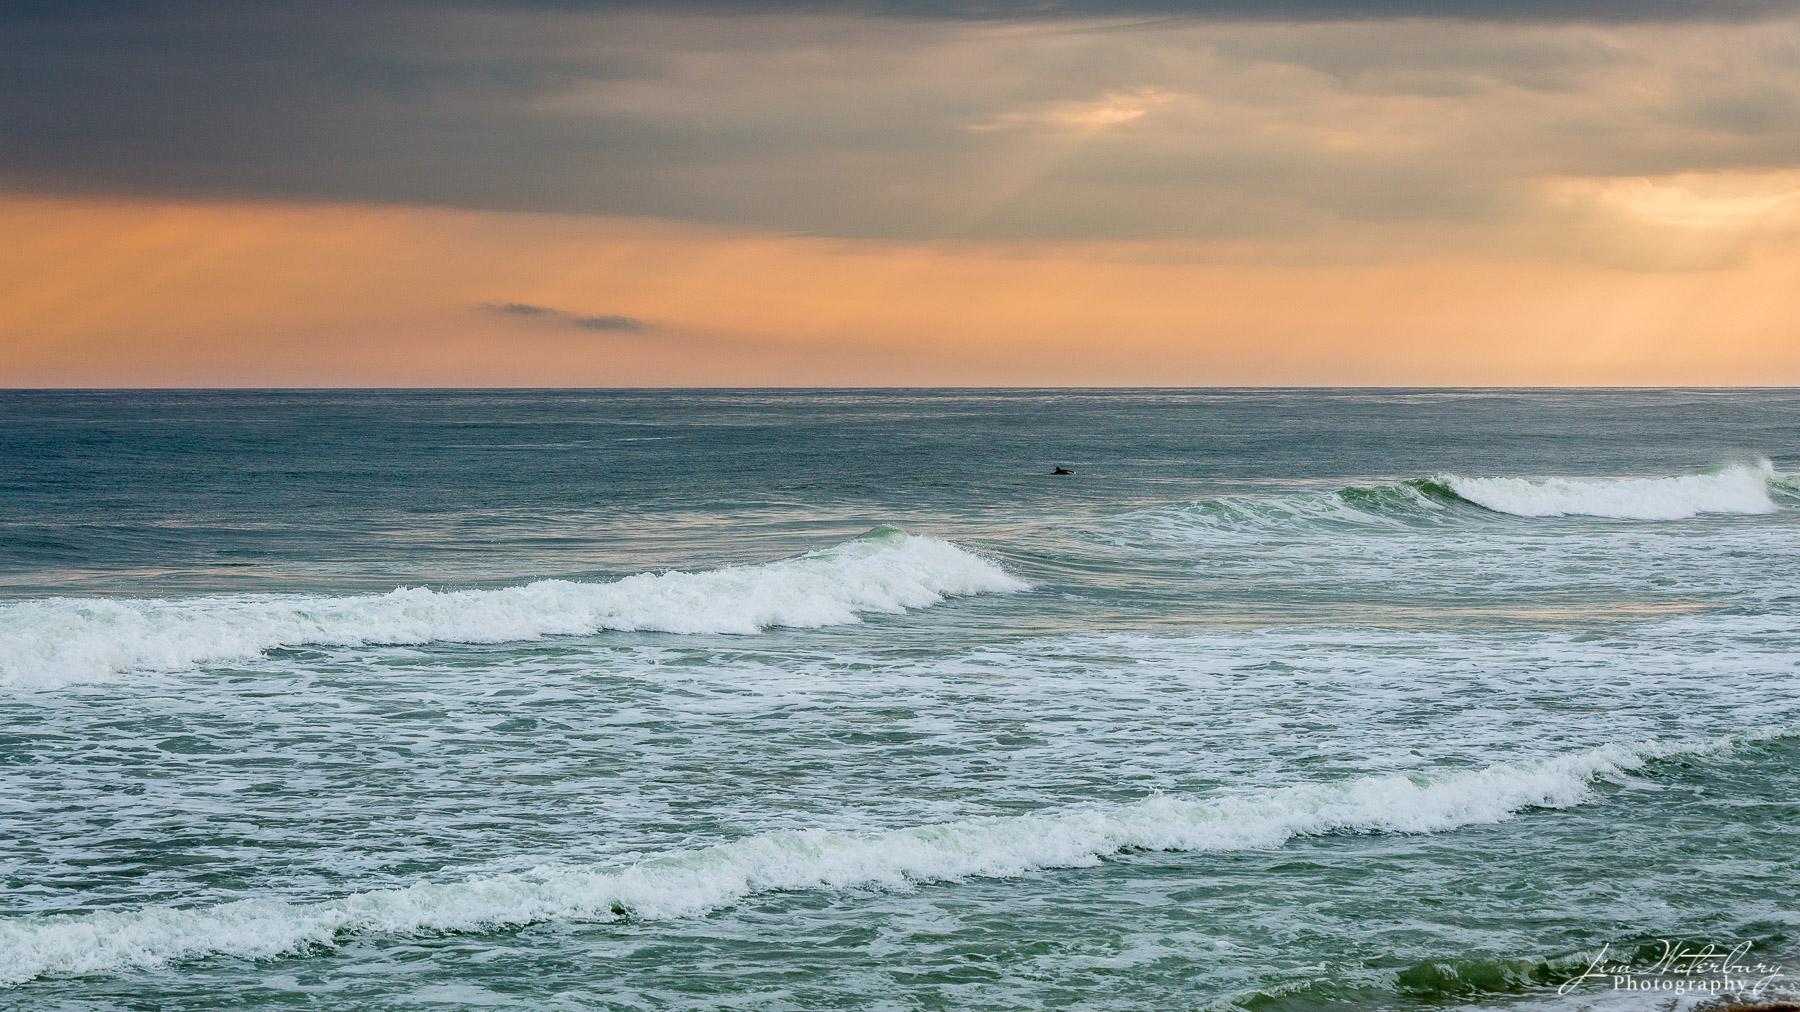 surfer, waves, sunset, beach, Nantucket, ocean, photo